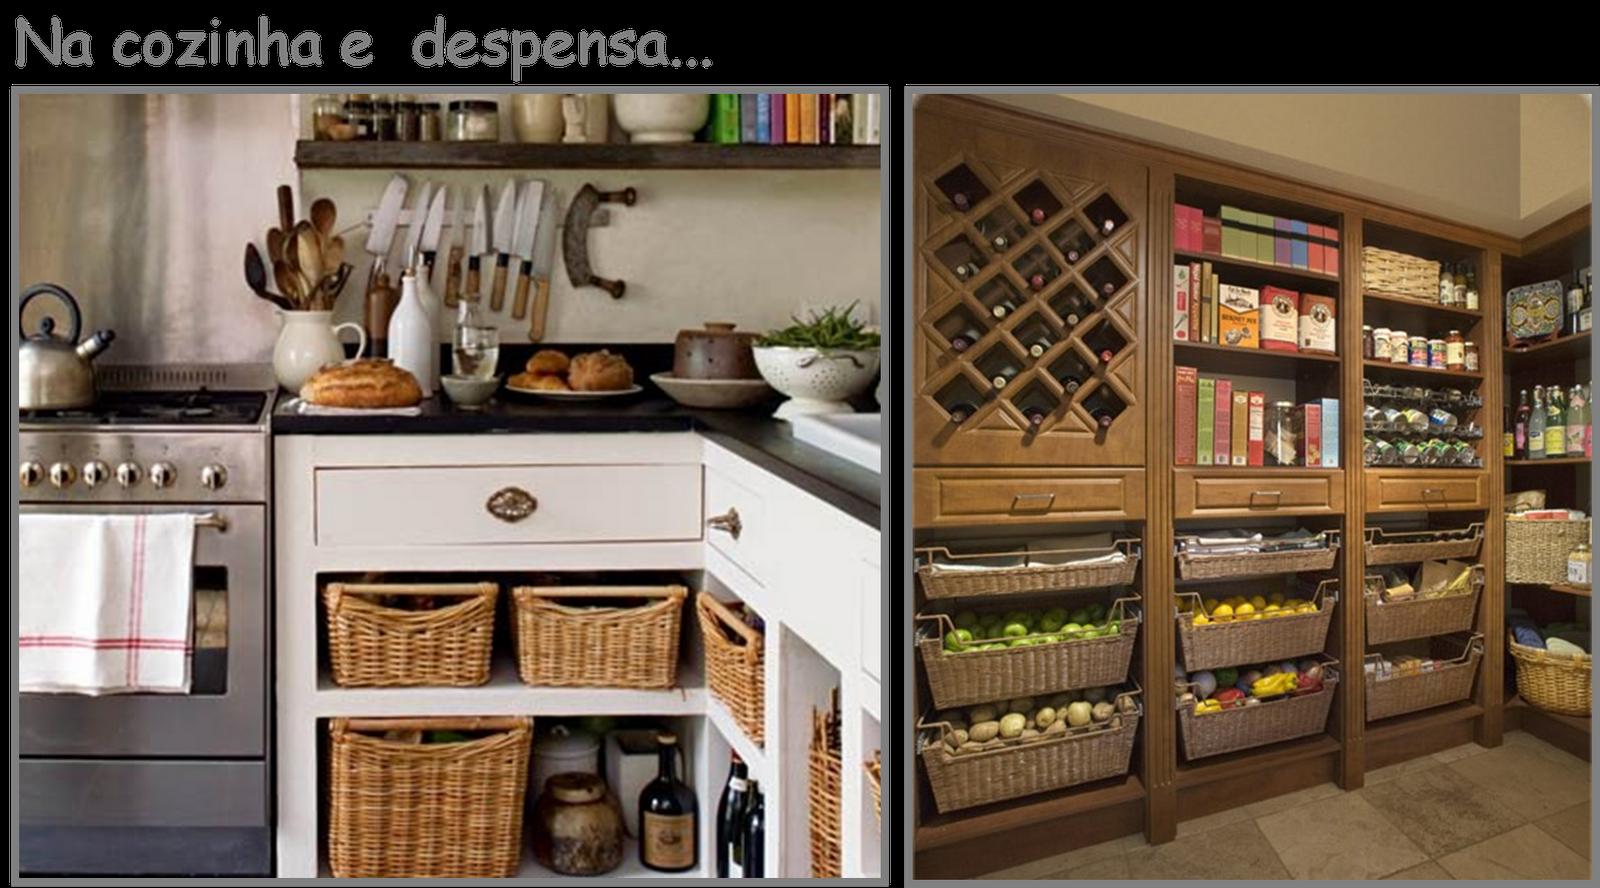 Na cozinha os cestos com alça facilitam o manuseio. Nessa despensa  #946637 1600 888